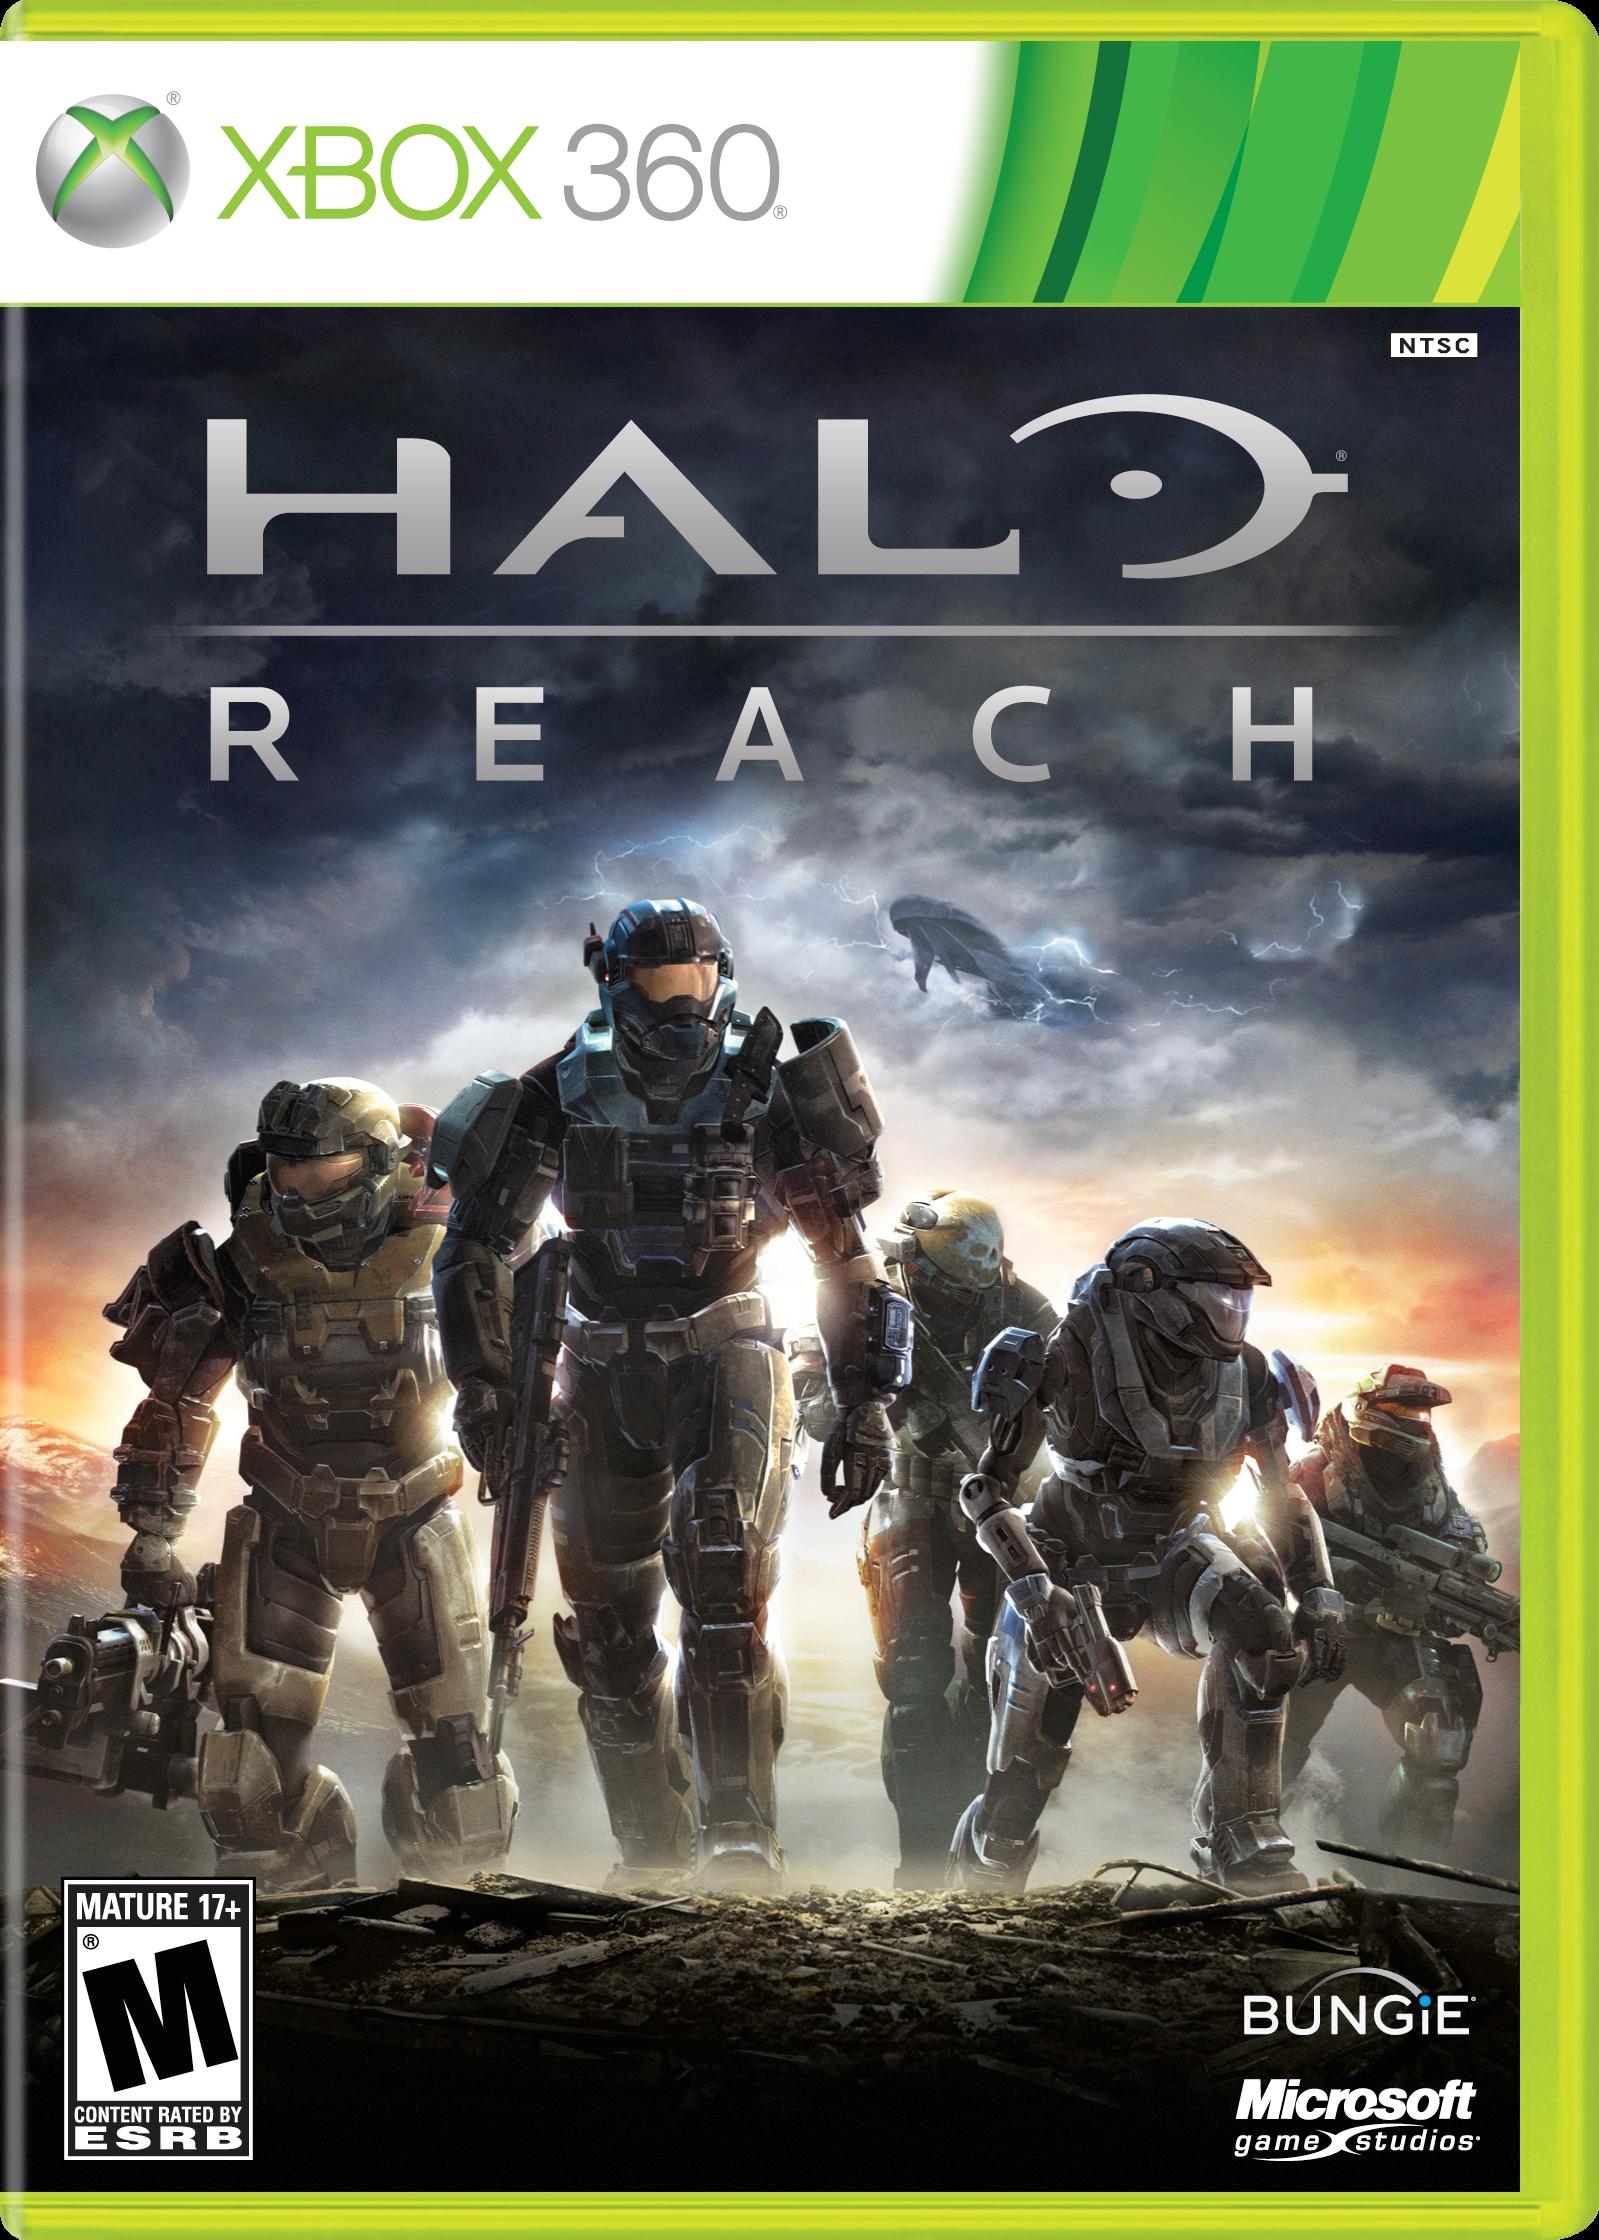 Halo reach halo nation the halo encyclopedia halo 1 halo 2 halo 3 halo 4 halo wars - Halo 4 photos ...